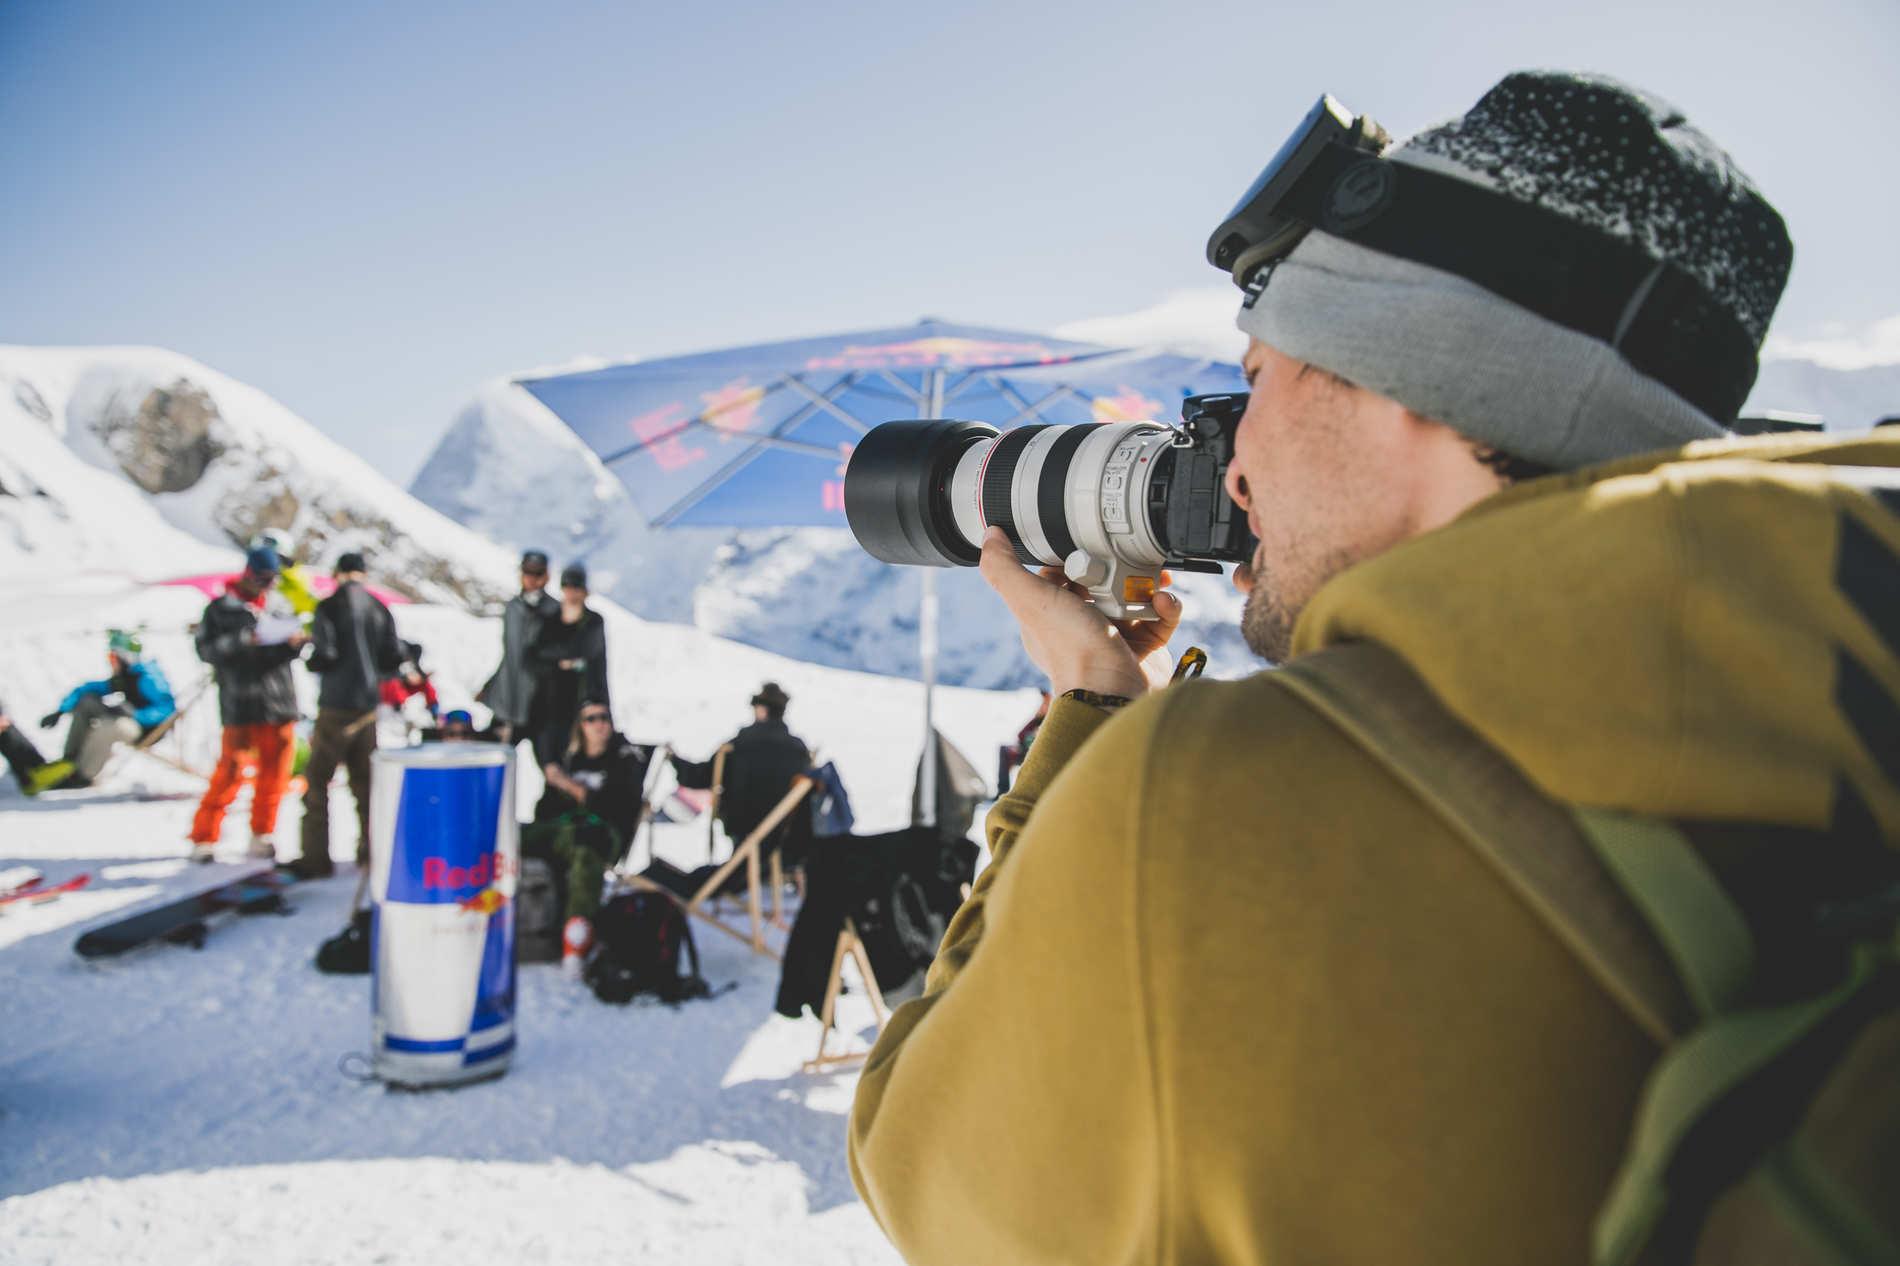 filmer fotograf job qparks